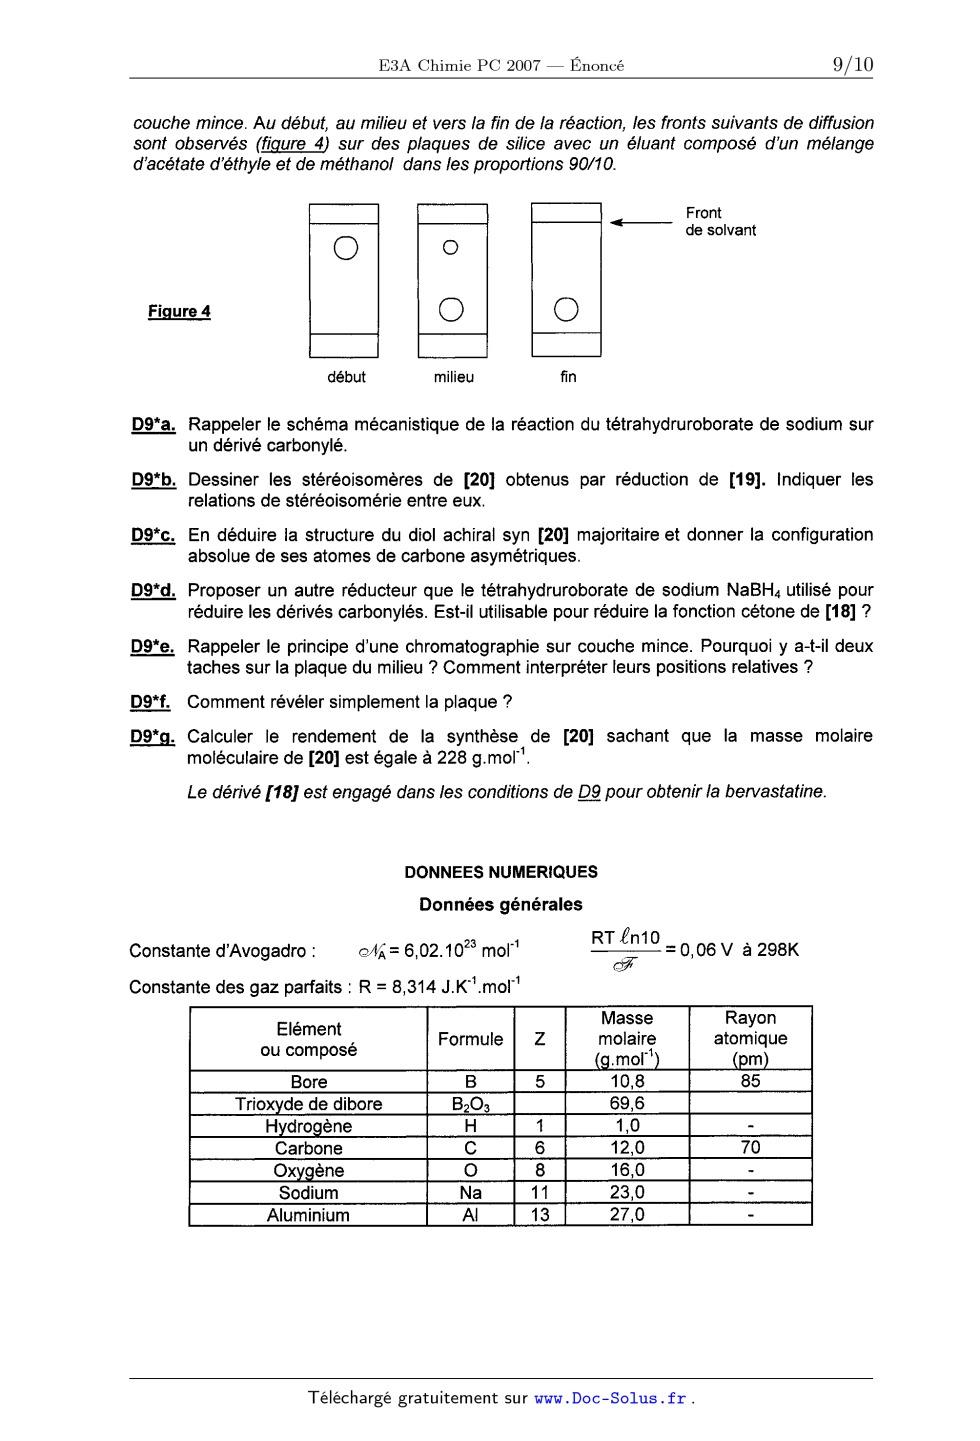 composé hydrogène du bore